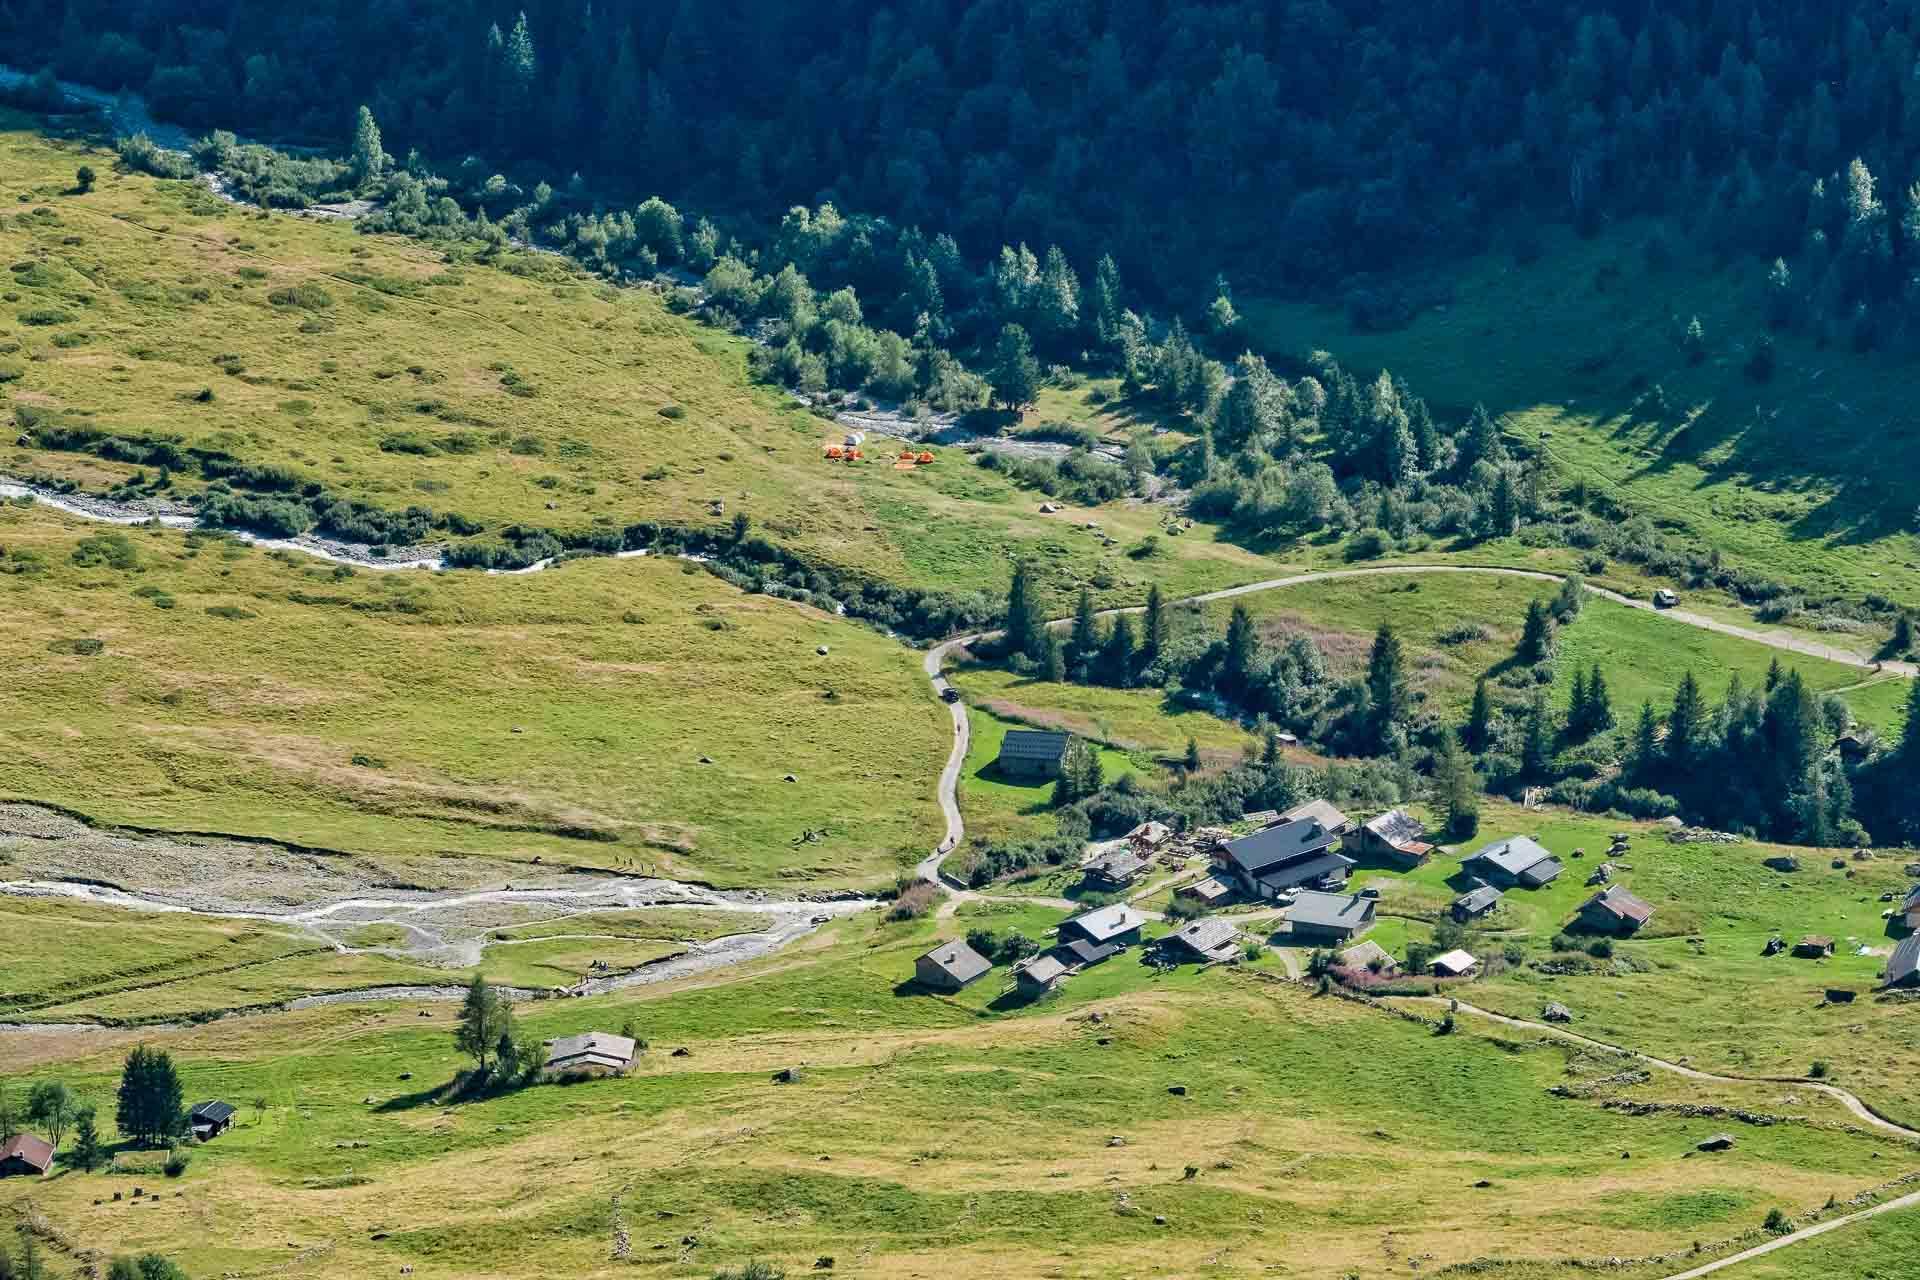 Le hameau de Miage et son fameux refuge © Boris Molinier